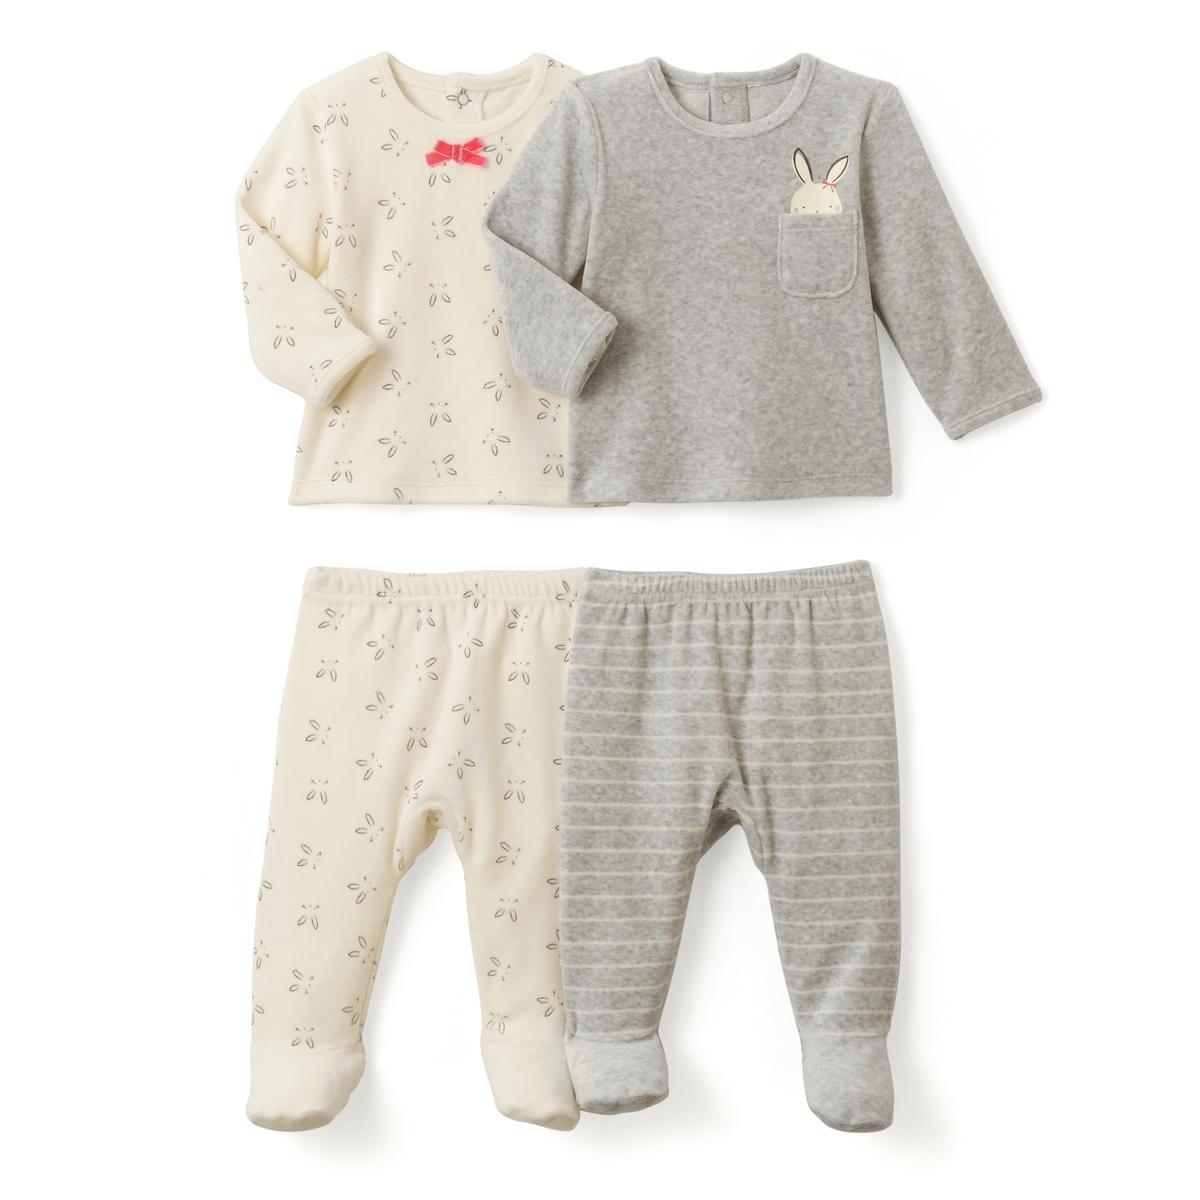 2 пижамы из 2 предметов с рисунком кролик, 0 мес. - 3 годаПижама из 2 предметов из велюра. В комплекте 2 пижамы: 1 пижама с футболкой с длинными рукавами и брюками с рисунком кролик. 1 пижама с футболкой с длинными рукавами с рисунком кролик над нагрудным карманом + 1 брюки в полоску. Верх с застежкой на кнопки сзади. Брюки с эластичным поясом. Носочки с покрытием против скольжения от 12 мес. (74 см), эластичные сзади для лучшей поддержки. Планка застежки на пуговицы для соединения верха и низа. Верх пижамы без этикетки, чтобы не вызывать раздражение или зуд на коже ребенка.    Состав и описание :     Материал       велюр, 75% хлопка, 25% полиэстера.    Уход : Машинная стирка при 30 °C в умеренном режиме с вещами схожих цветов. Стирать, сушить и гладить с изнаночной стороны. Машинная сушка в умеренном режиме. Гладить при низкой температуре.<br><br>Цвет: экрю + серый меланж<br>Размер: 0 мес. - 50 см.2 года - 86 см.18 мес. - 81 см.1 год - 74 см.9 мес. - 71 см.6 мес. - 67 см.3 мес. - 60 см.1 мес. - 54 см